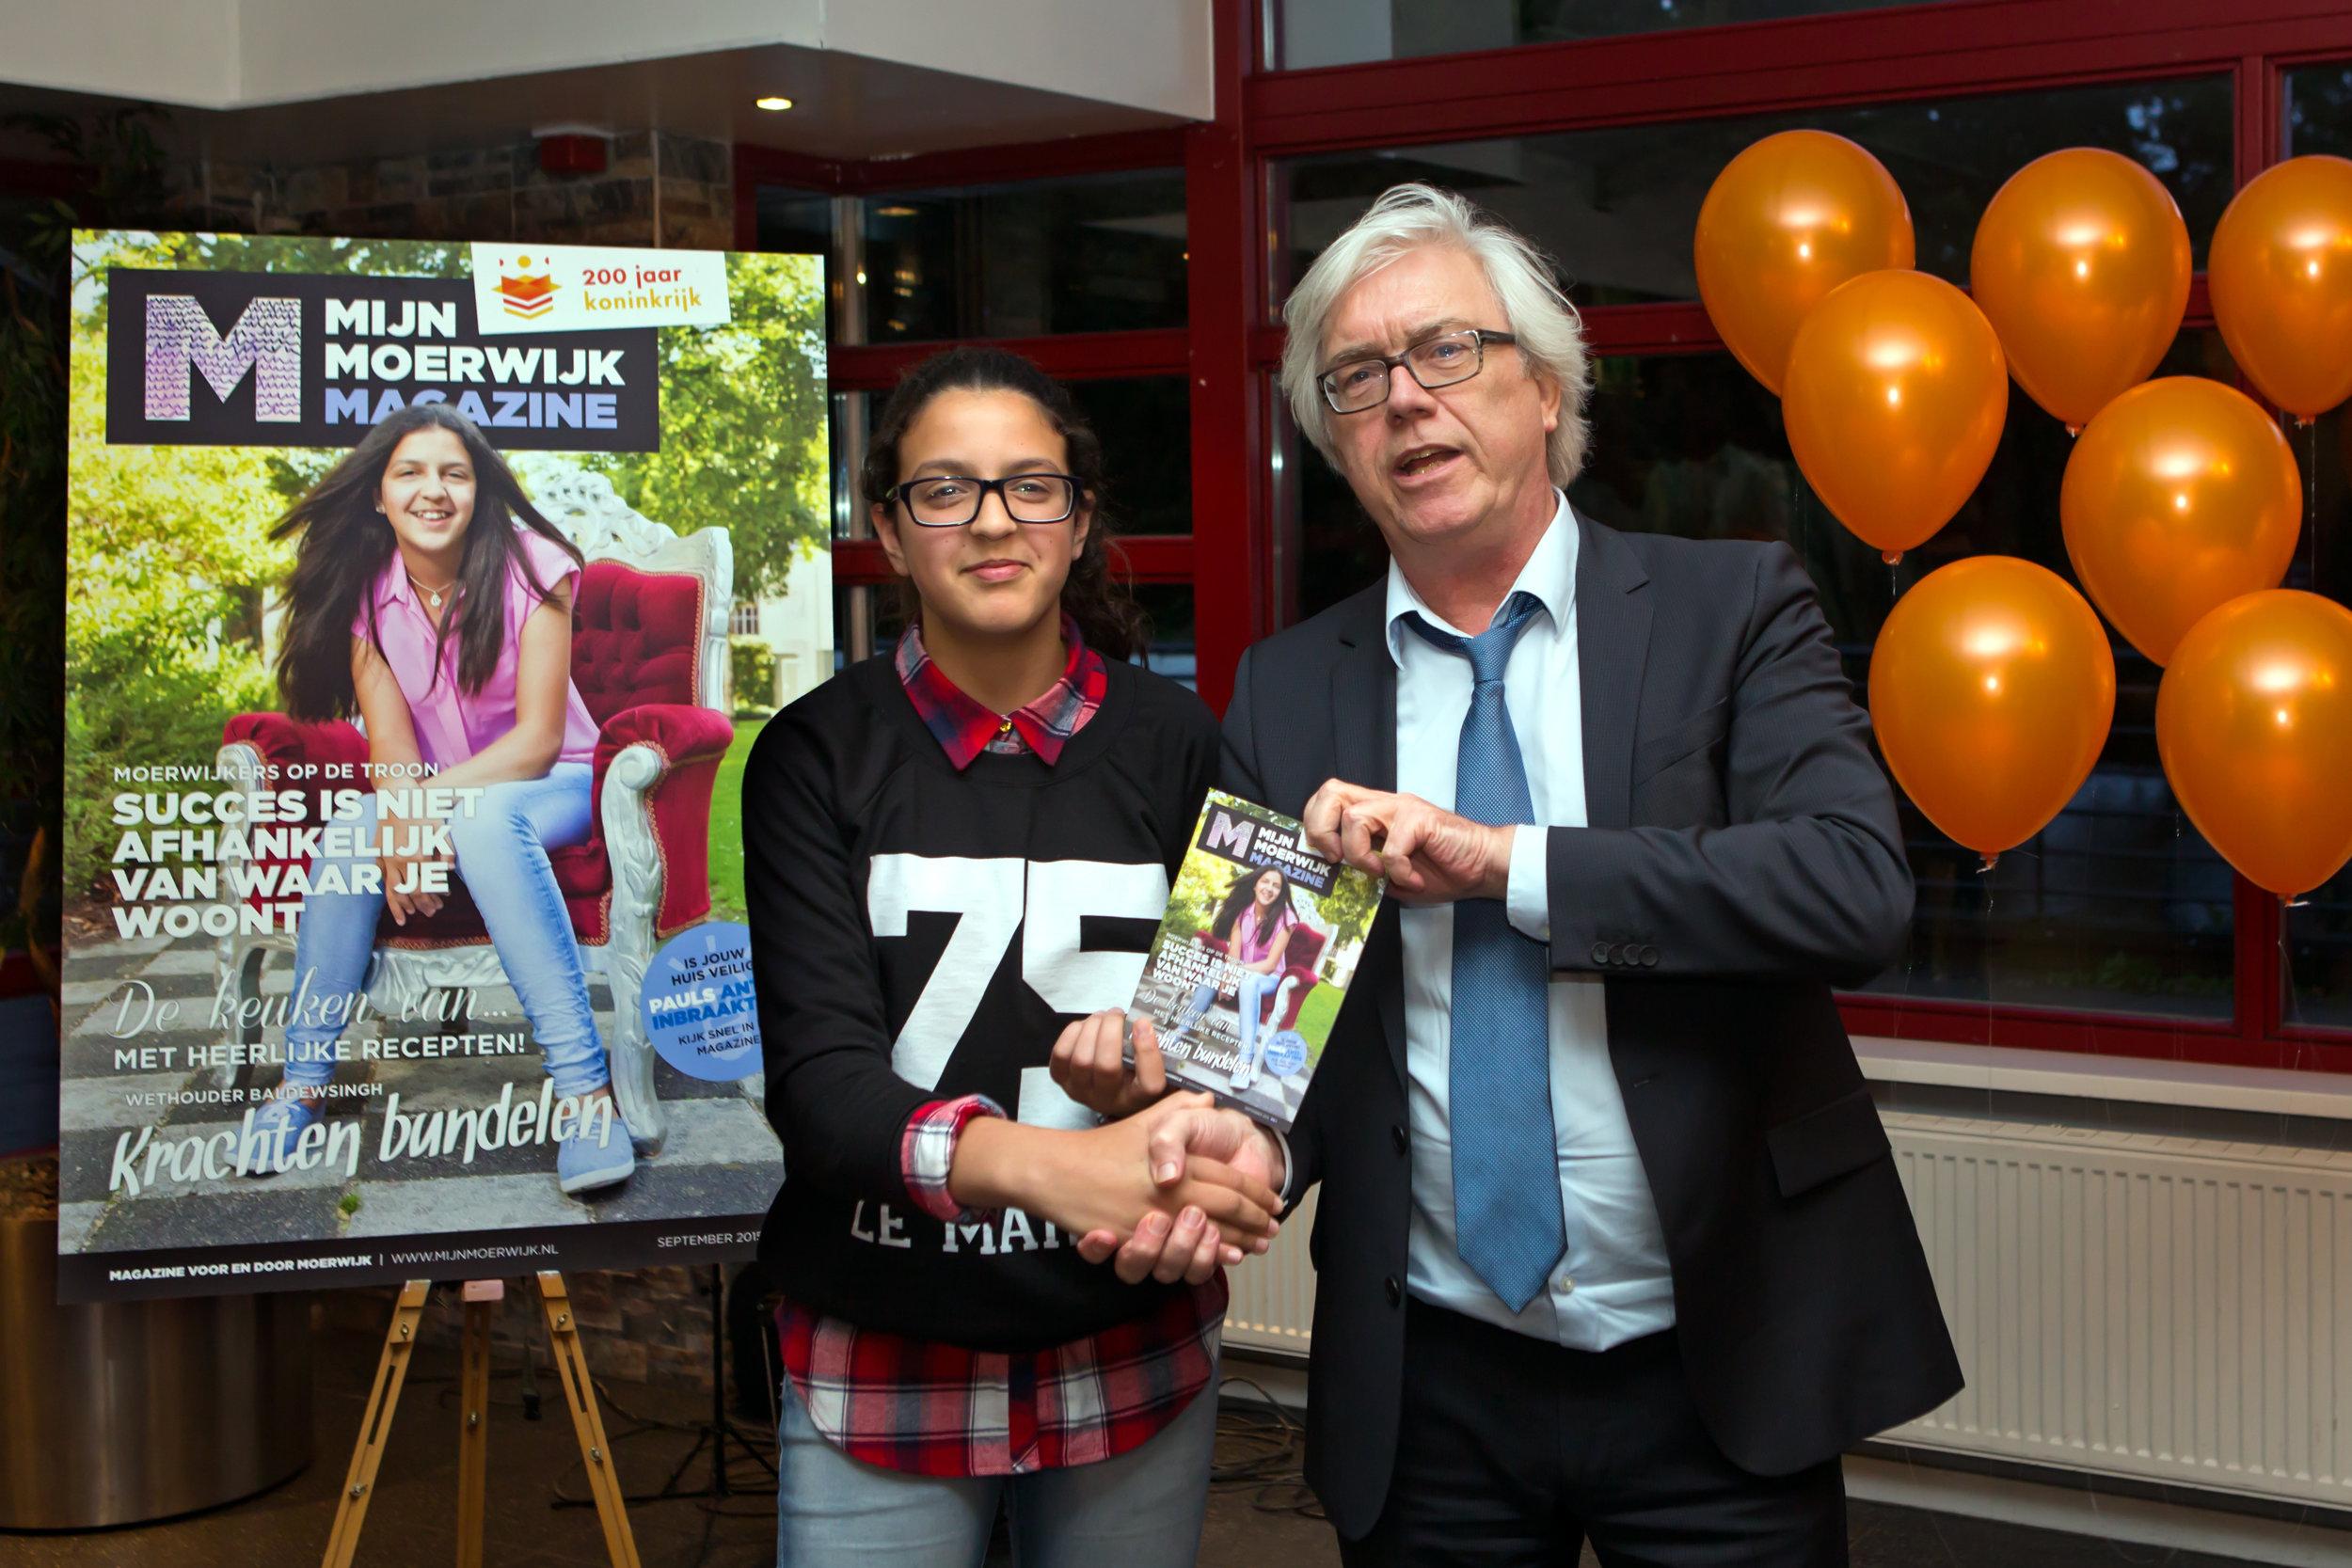 Lancering Mijn Moerwijk Magazine (19).jpg